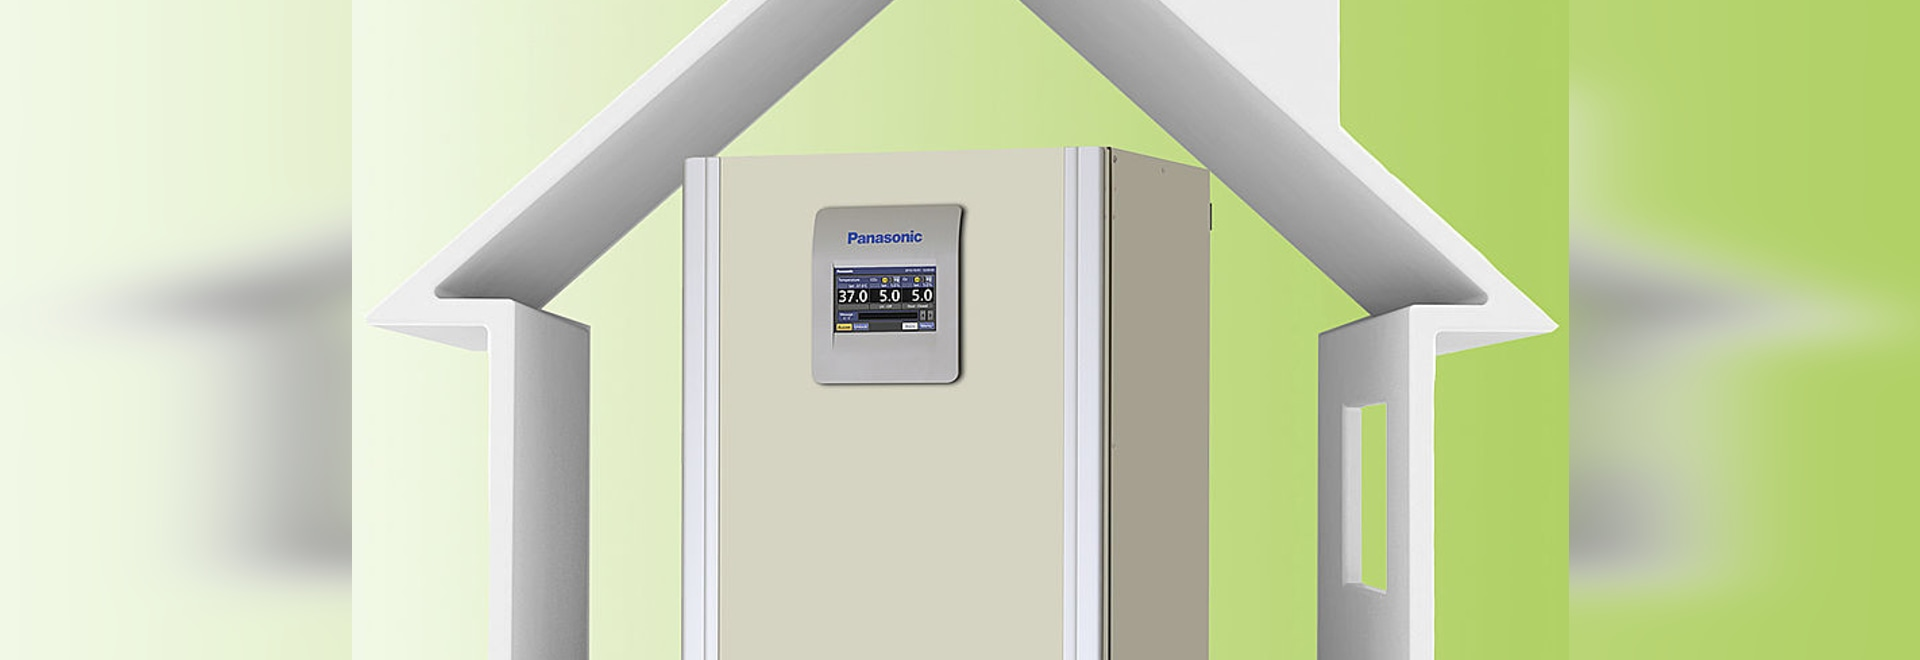 Préparez vos cellules chez vous avec les nouveaux incubateurs multigaz MCO-170M de Panasonic